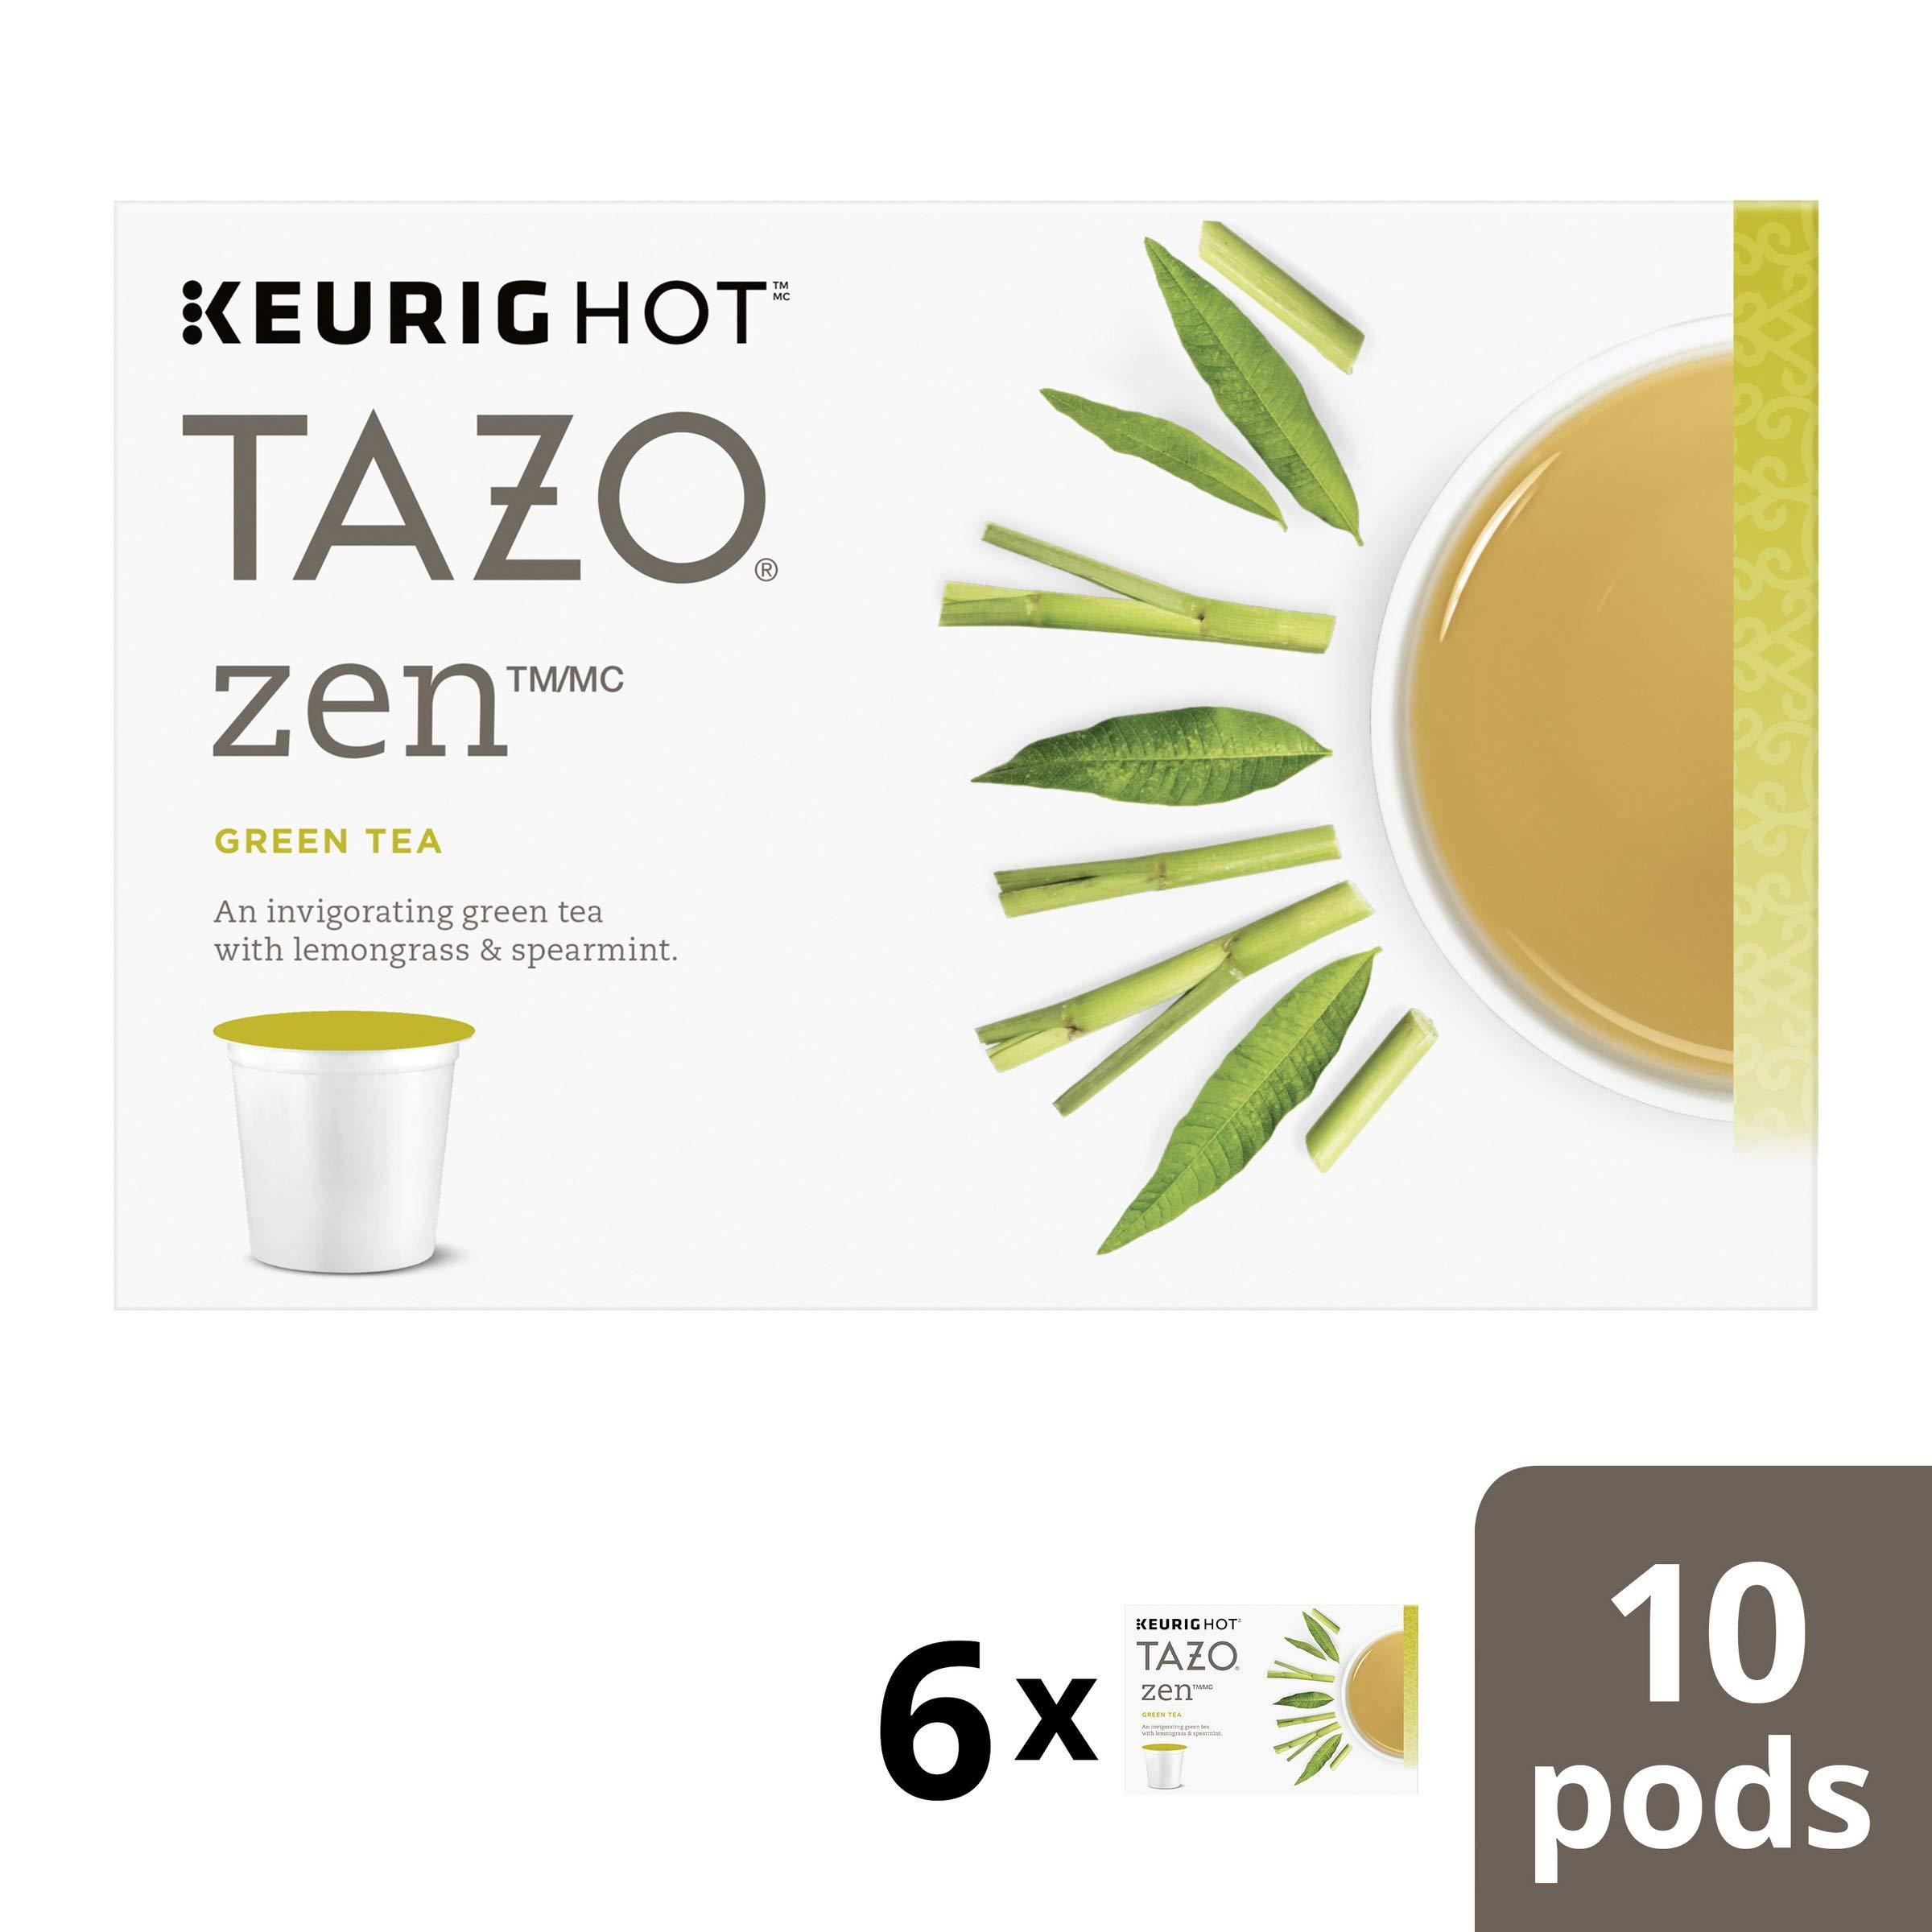 Tazo Zen Green Tea K-Cup, 10 ct (Pack of 6)